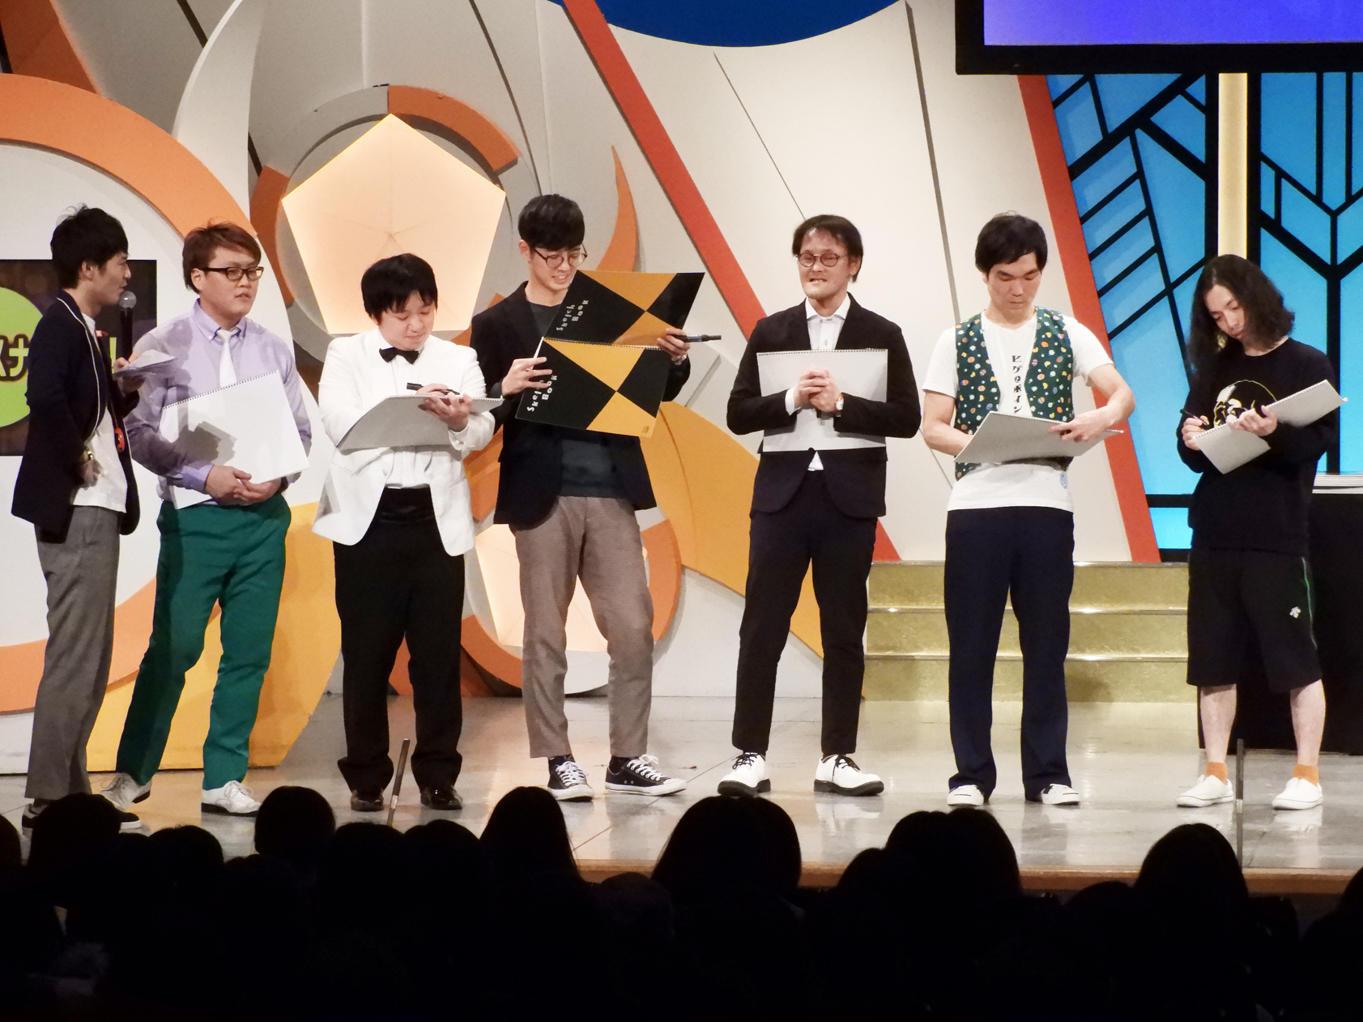 http://news.yoshimoto.co.jp/20180208181751-a7682b6b2f2d444d247a783c054ee75072f3d55b.jpg